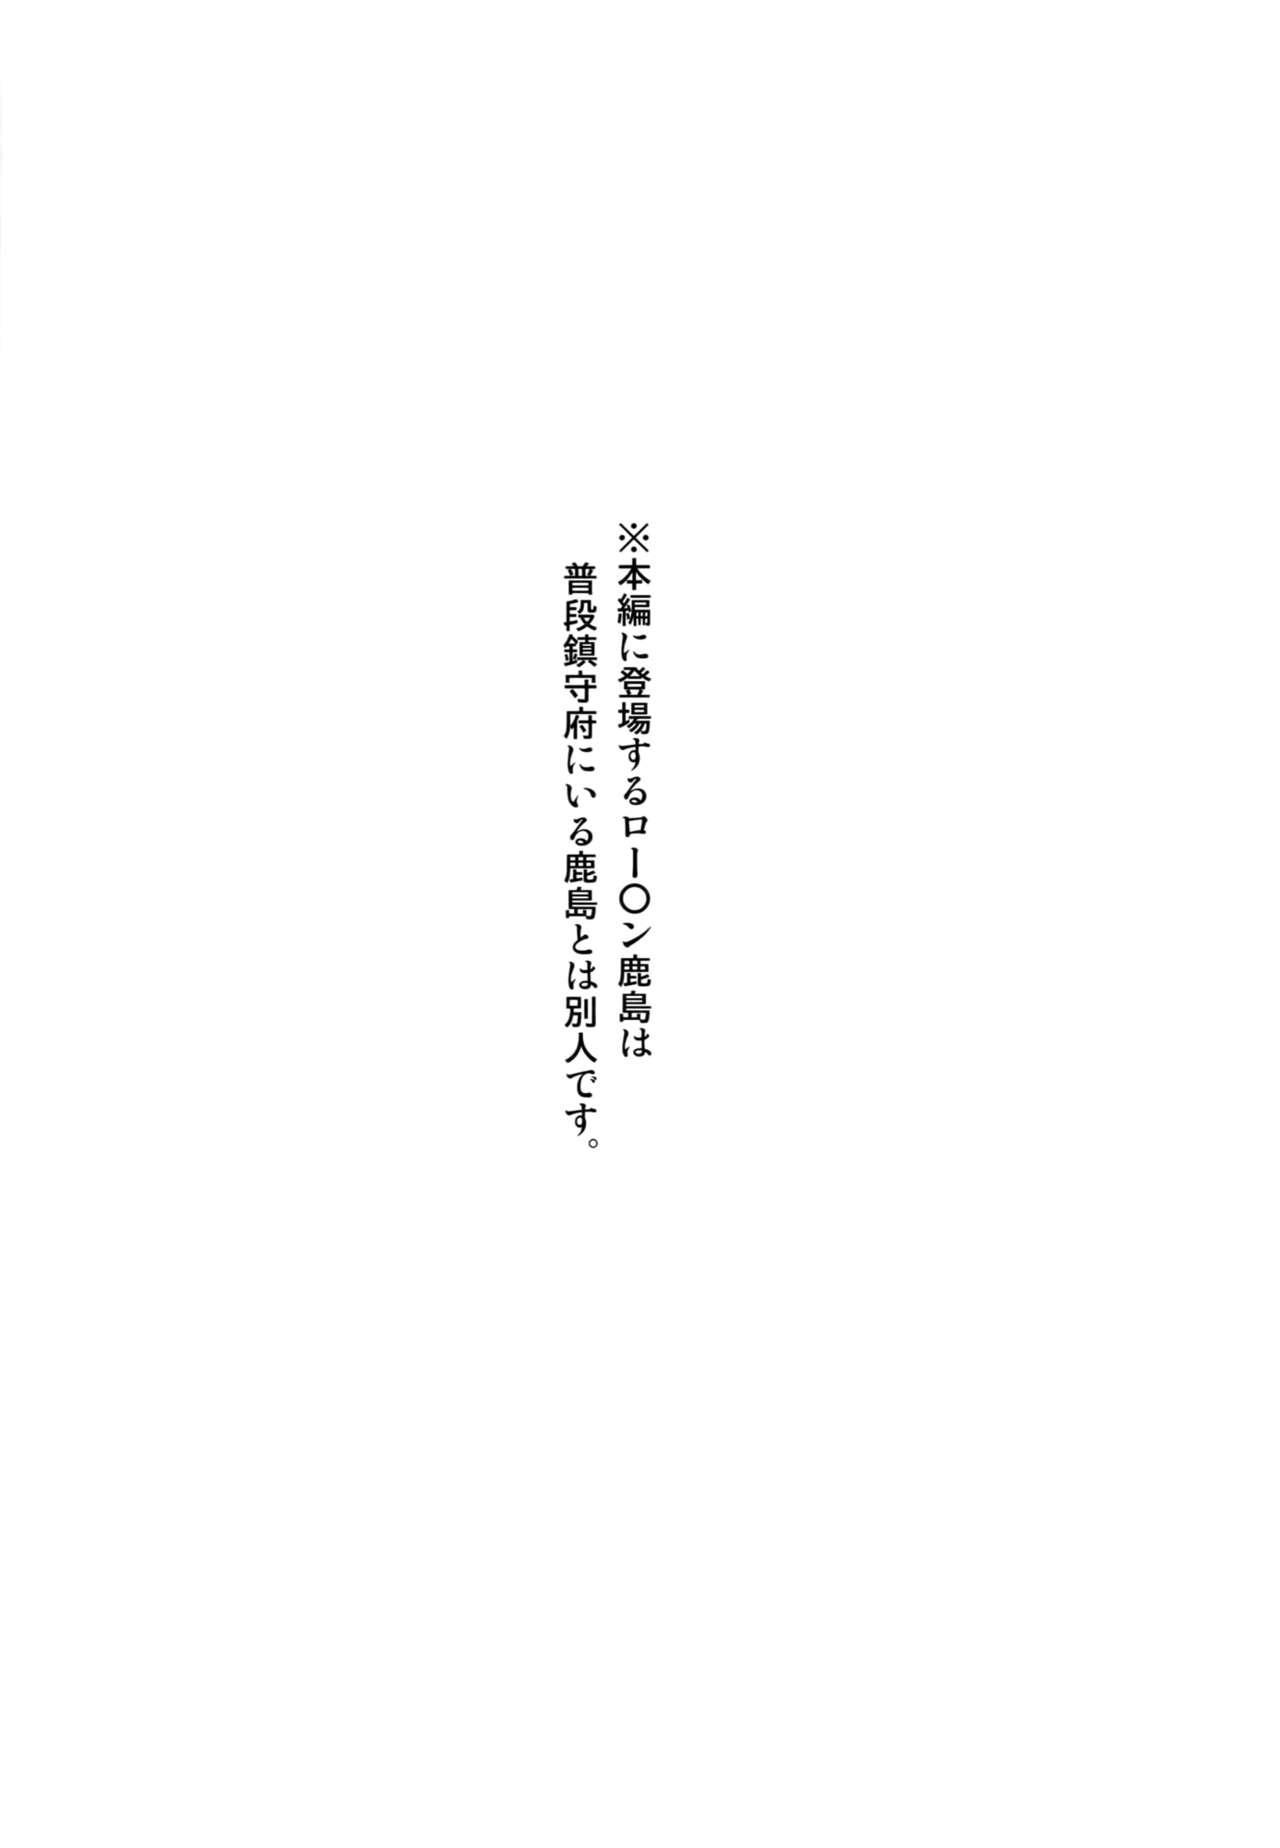 Shinya no Lawson de Kashima to Ikenaikoto Shimasenka 2